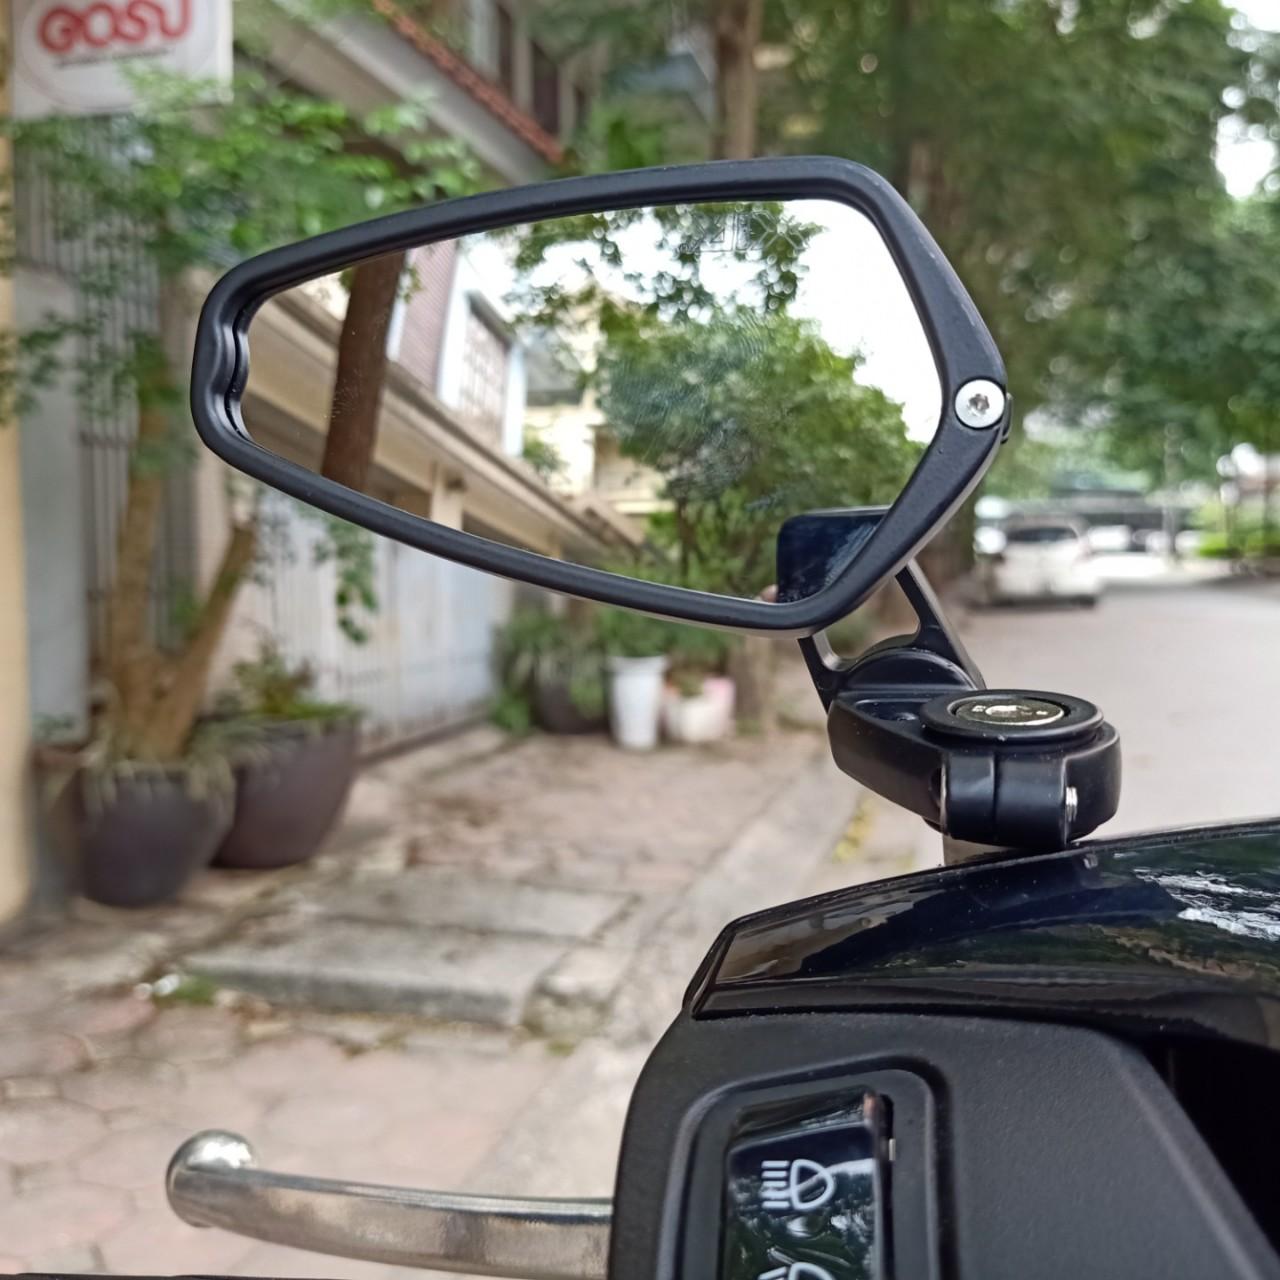 Gương xe máy Sh lắp chân gương gương Thái Lan cao cấp (1 chiếc)